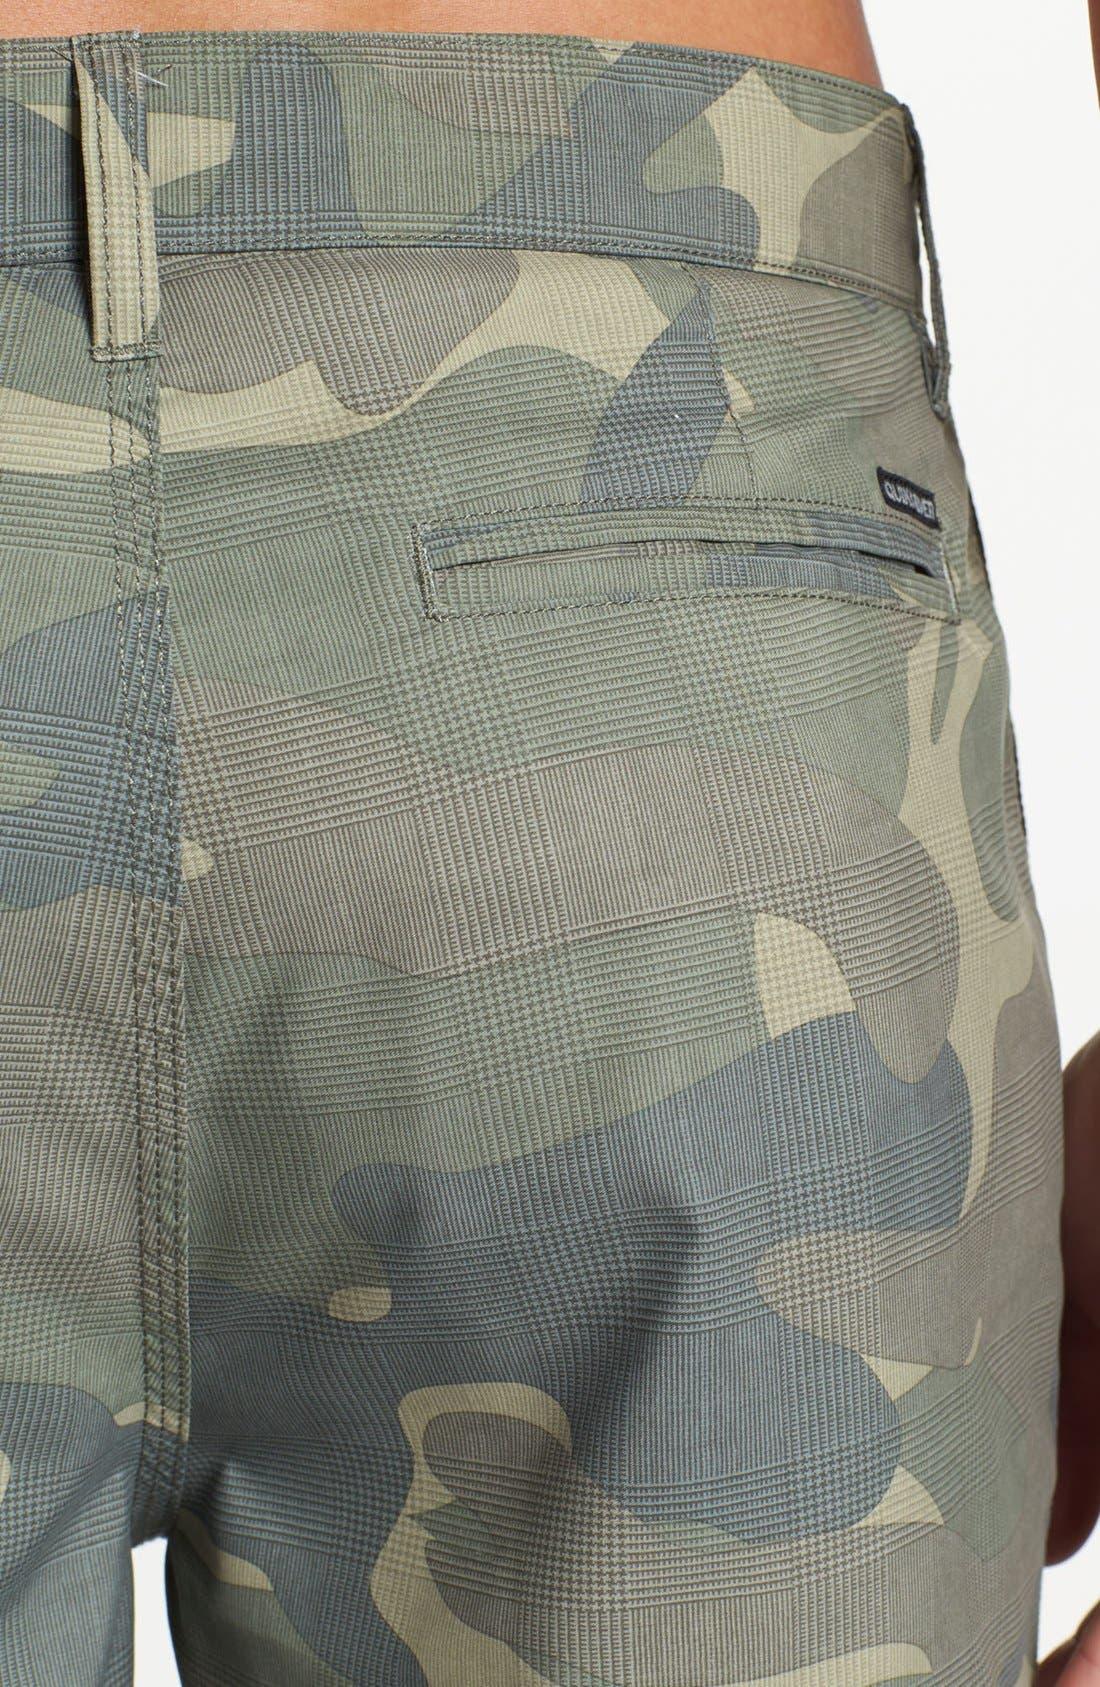 Alternate Image 3  - Quiksilver 'Duckbill' Hybrid Shorts